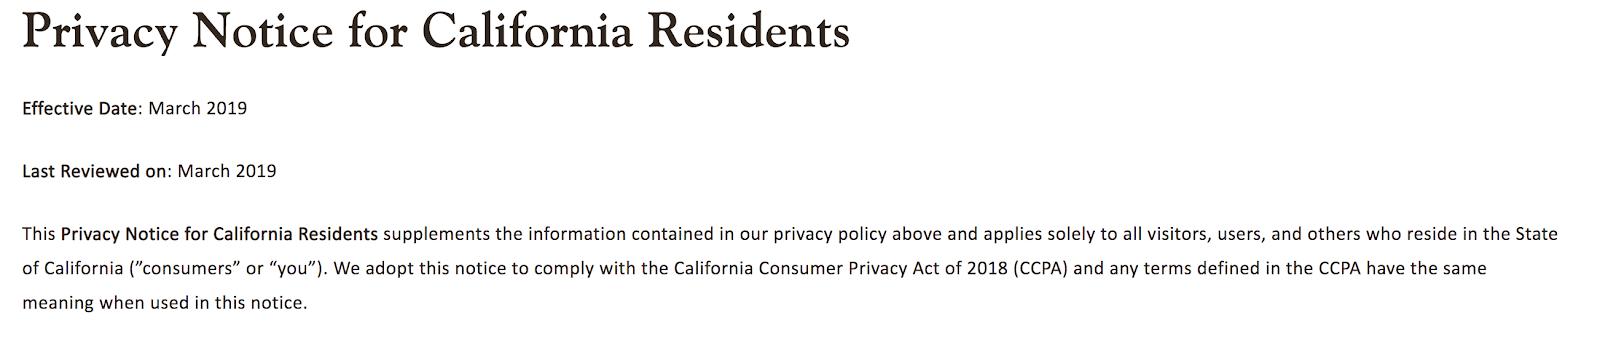 Kalifornien-spezifische Datenschutzerklärung